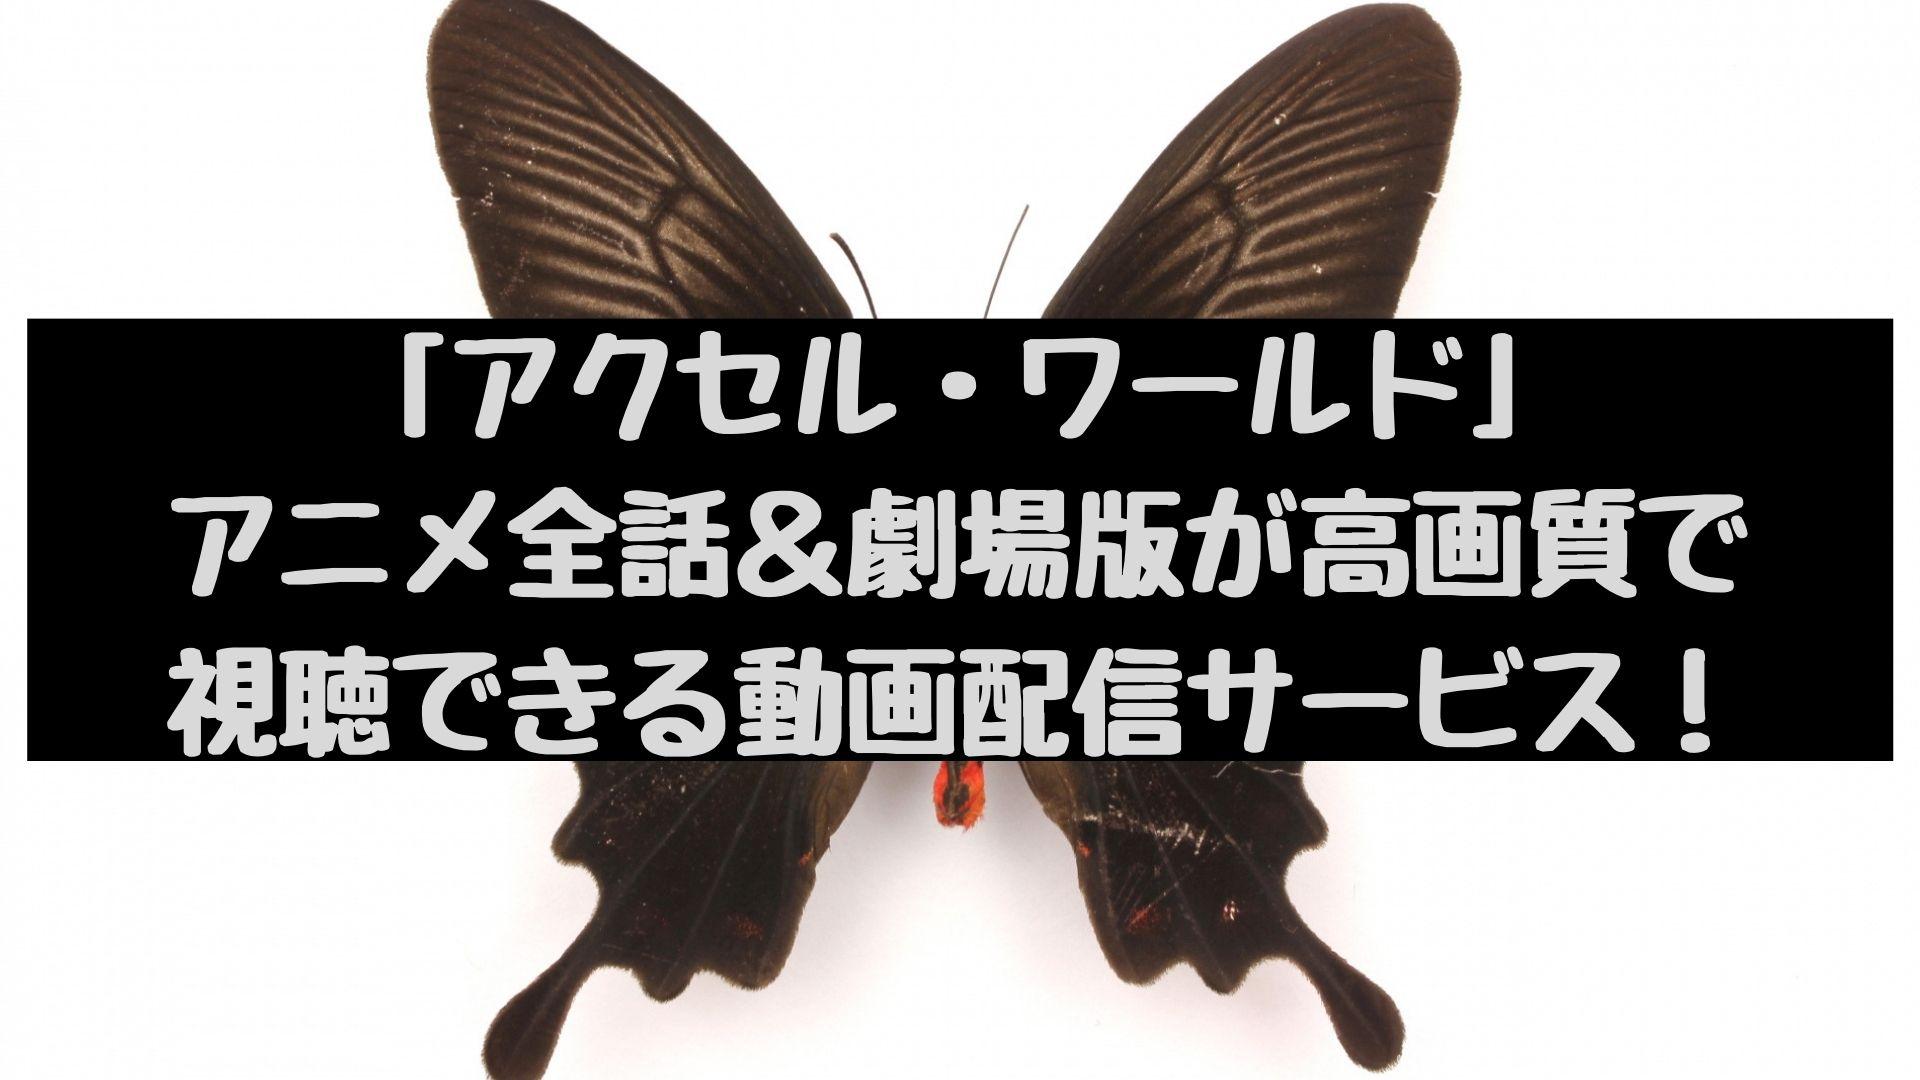 「アクセル・ワールド」アニメ全話+劇場版が高画質で視聴できる動画配信サービス!